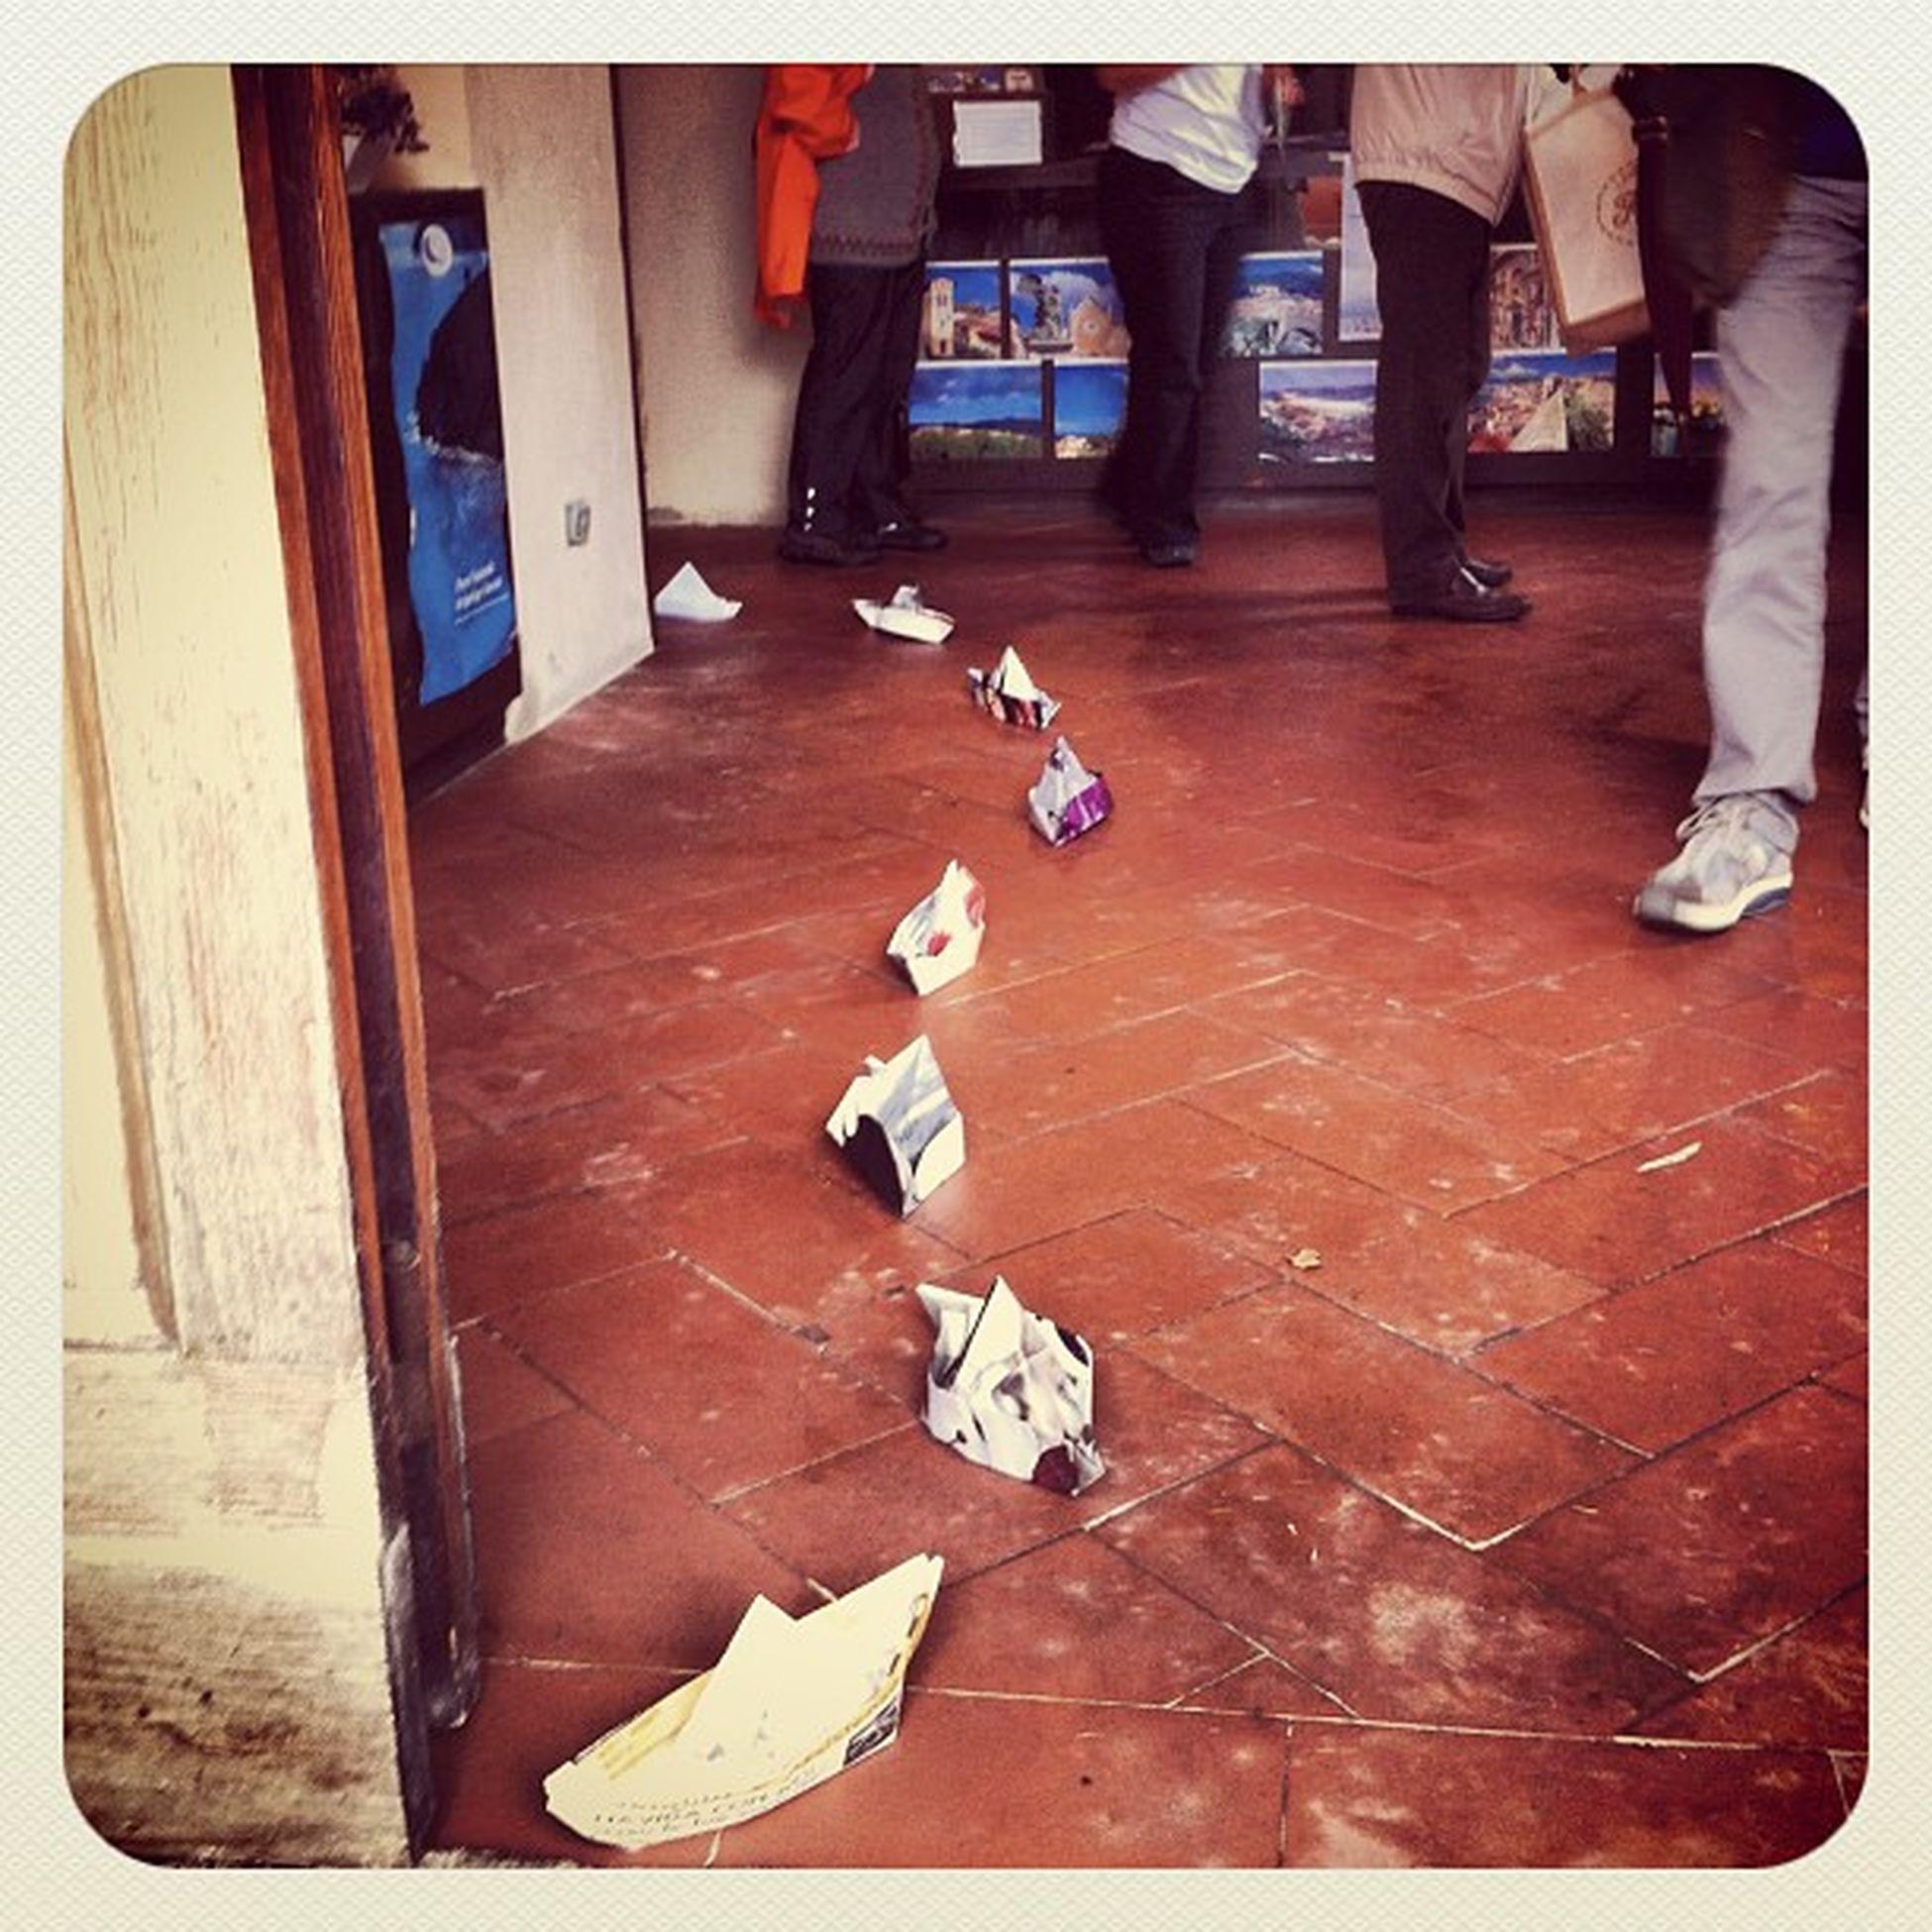 Invasionidigitali anche all'Elba oggi grazie a Feancesca Groppelli di Arteelba Laculturasiamonoi Piuculturaallelba portoferraio archeologia igersitalia